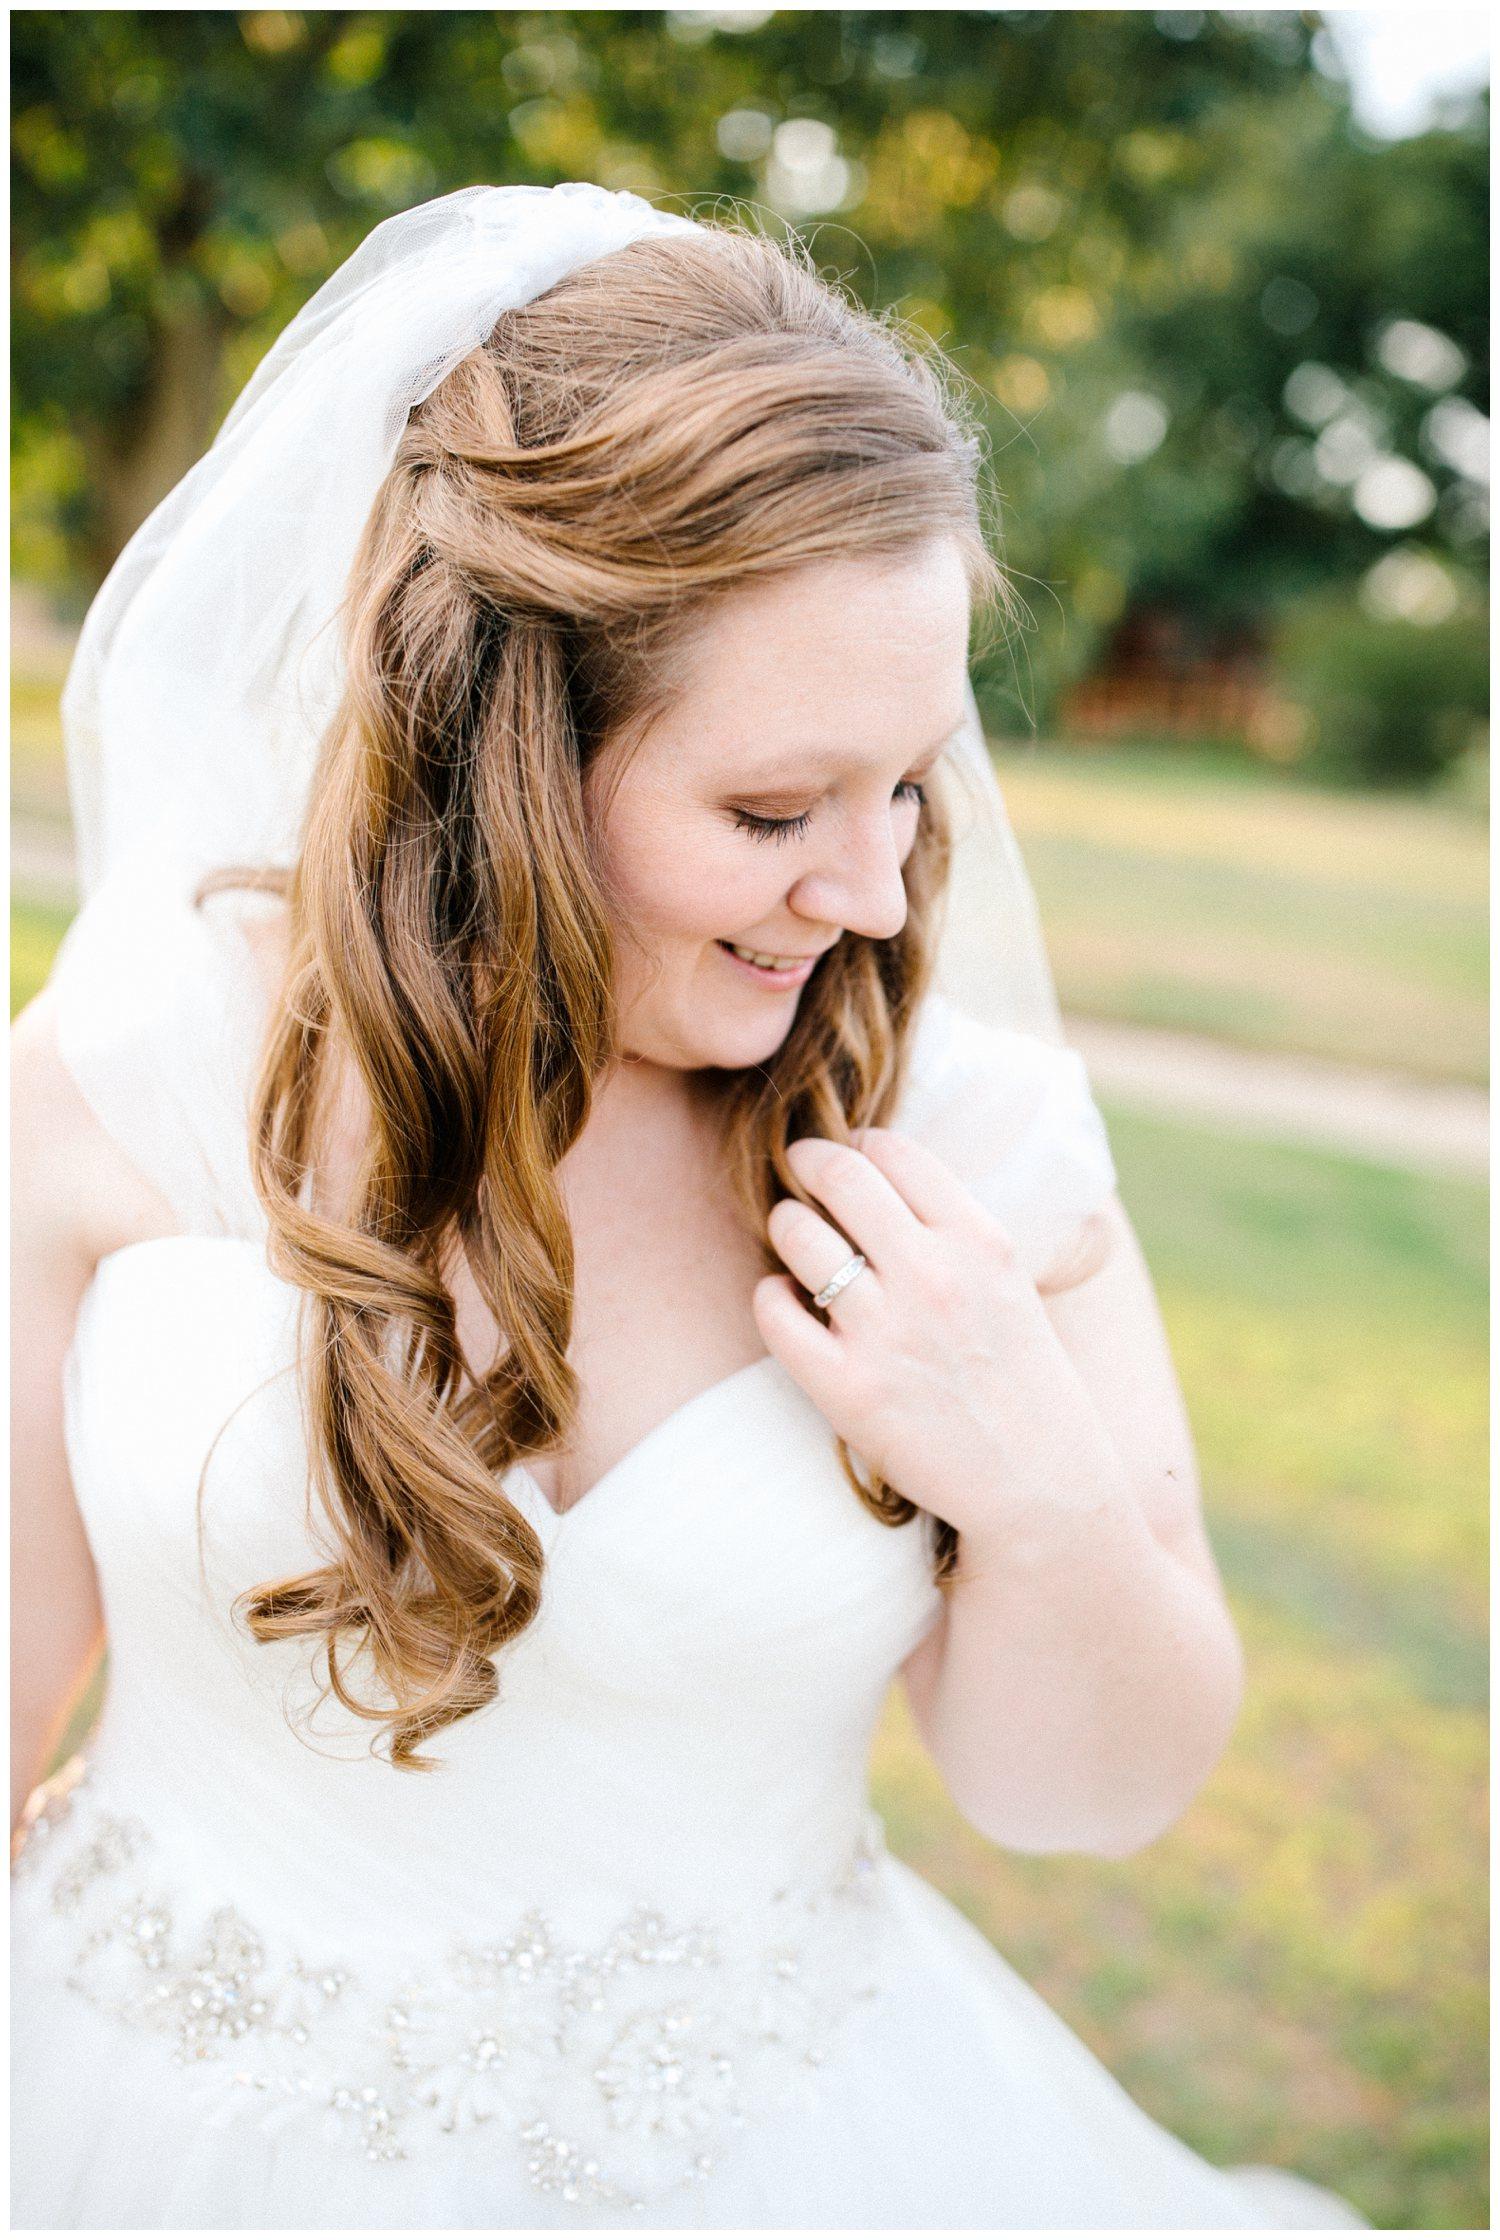 Kamie_Lubbock arboretum bridal portraits_23.jpg